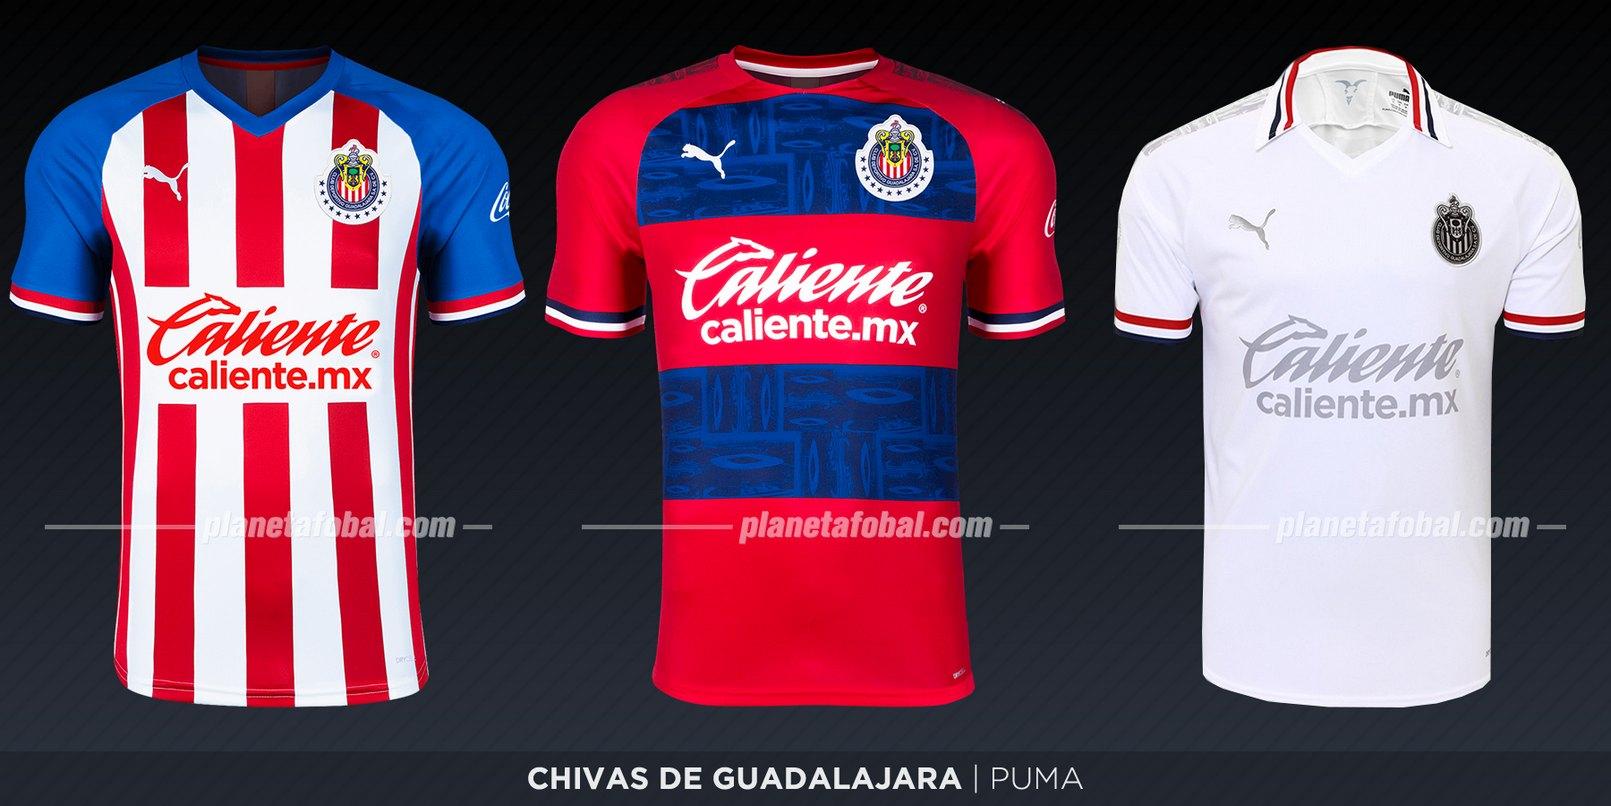 Chivas de Guadalajara (Puma) | Camisetas de la Liga MX 2019-2020